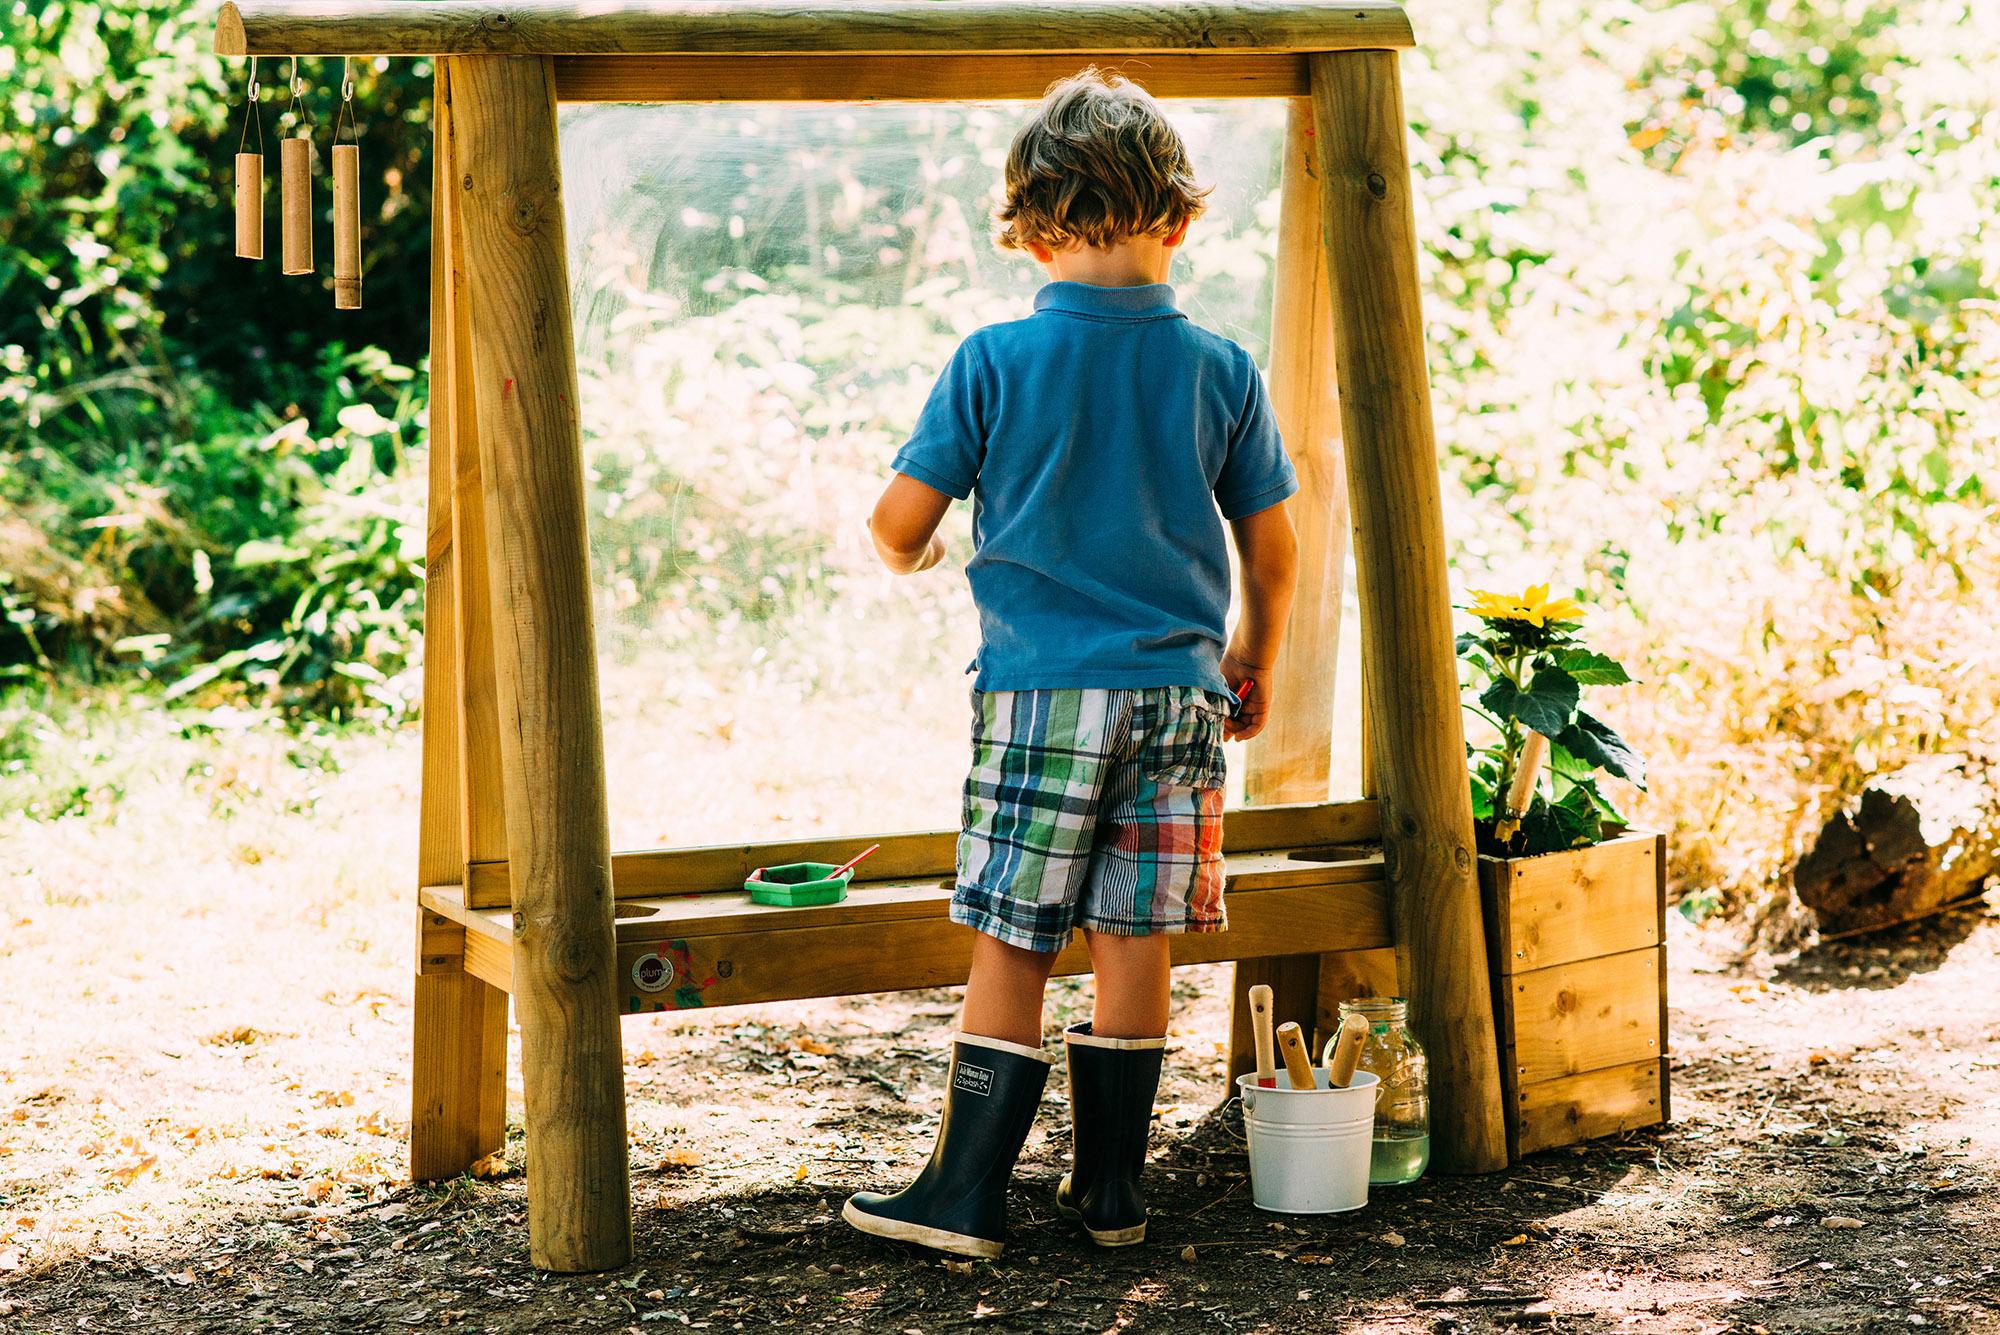 Garden Fun Create and play